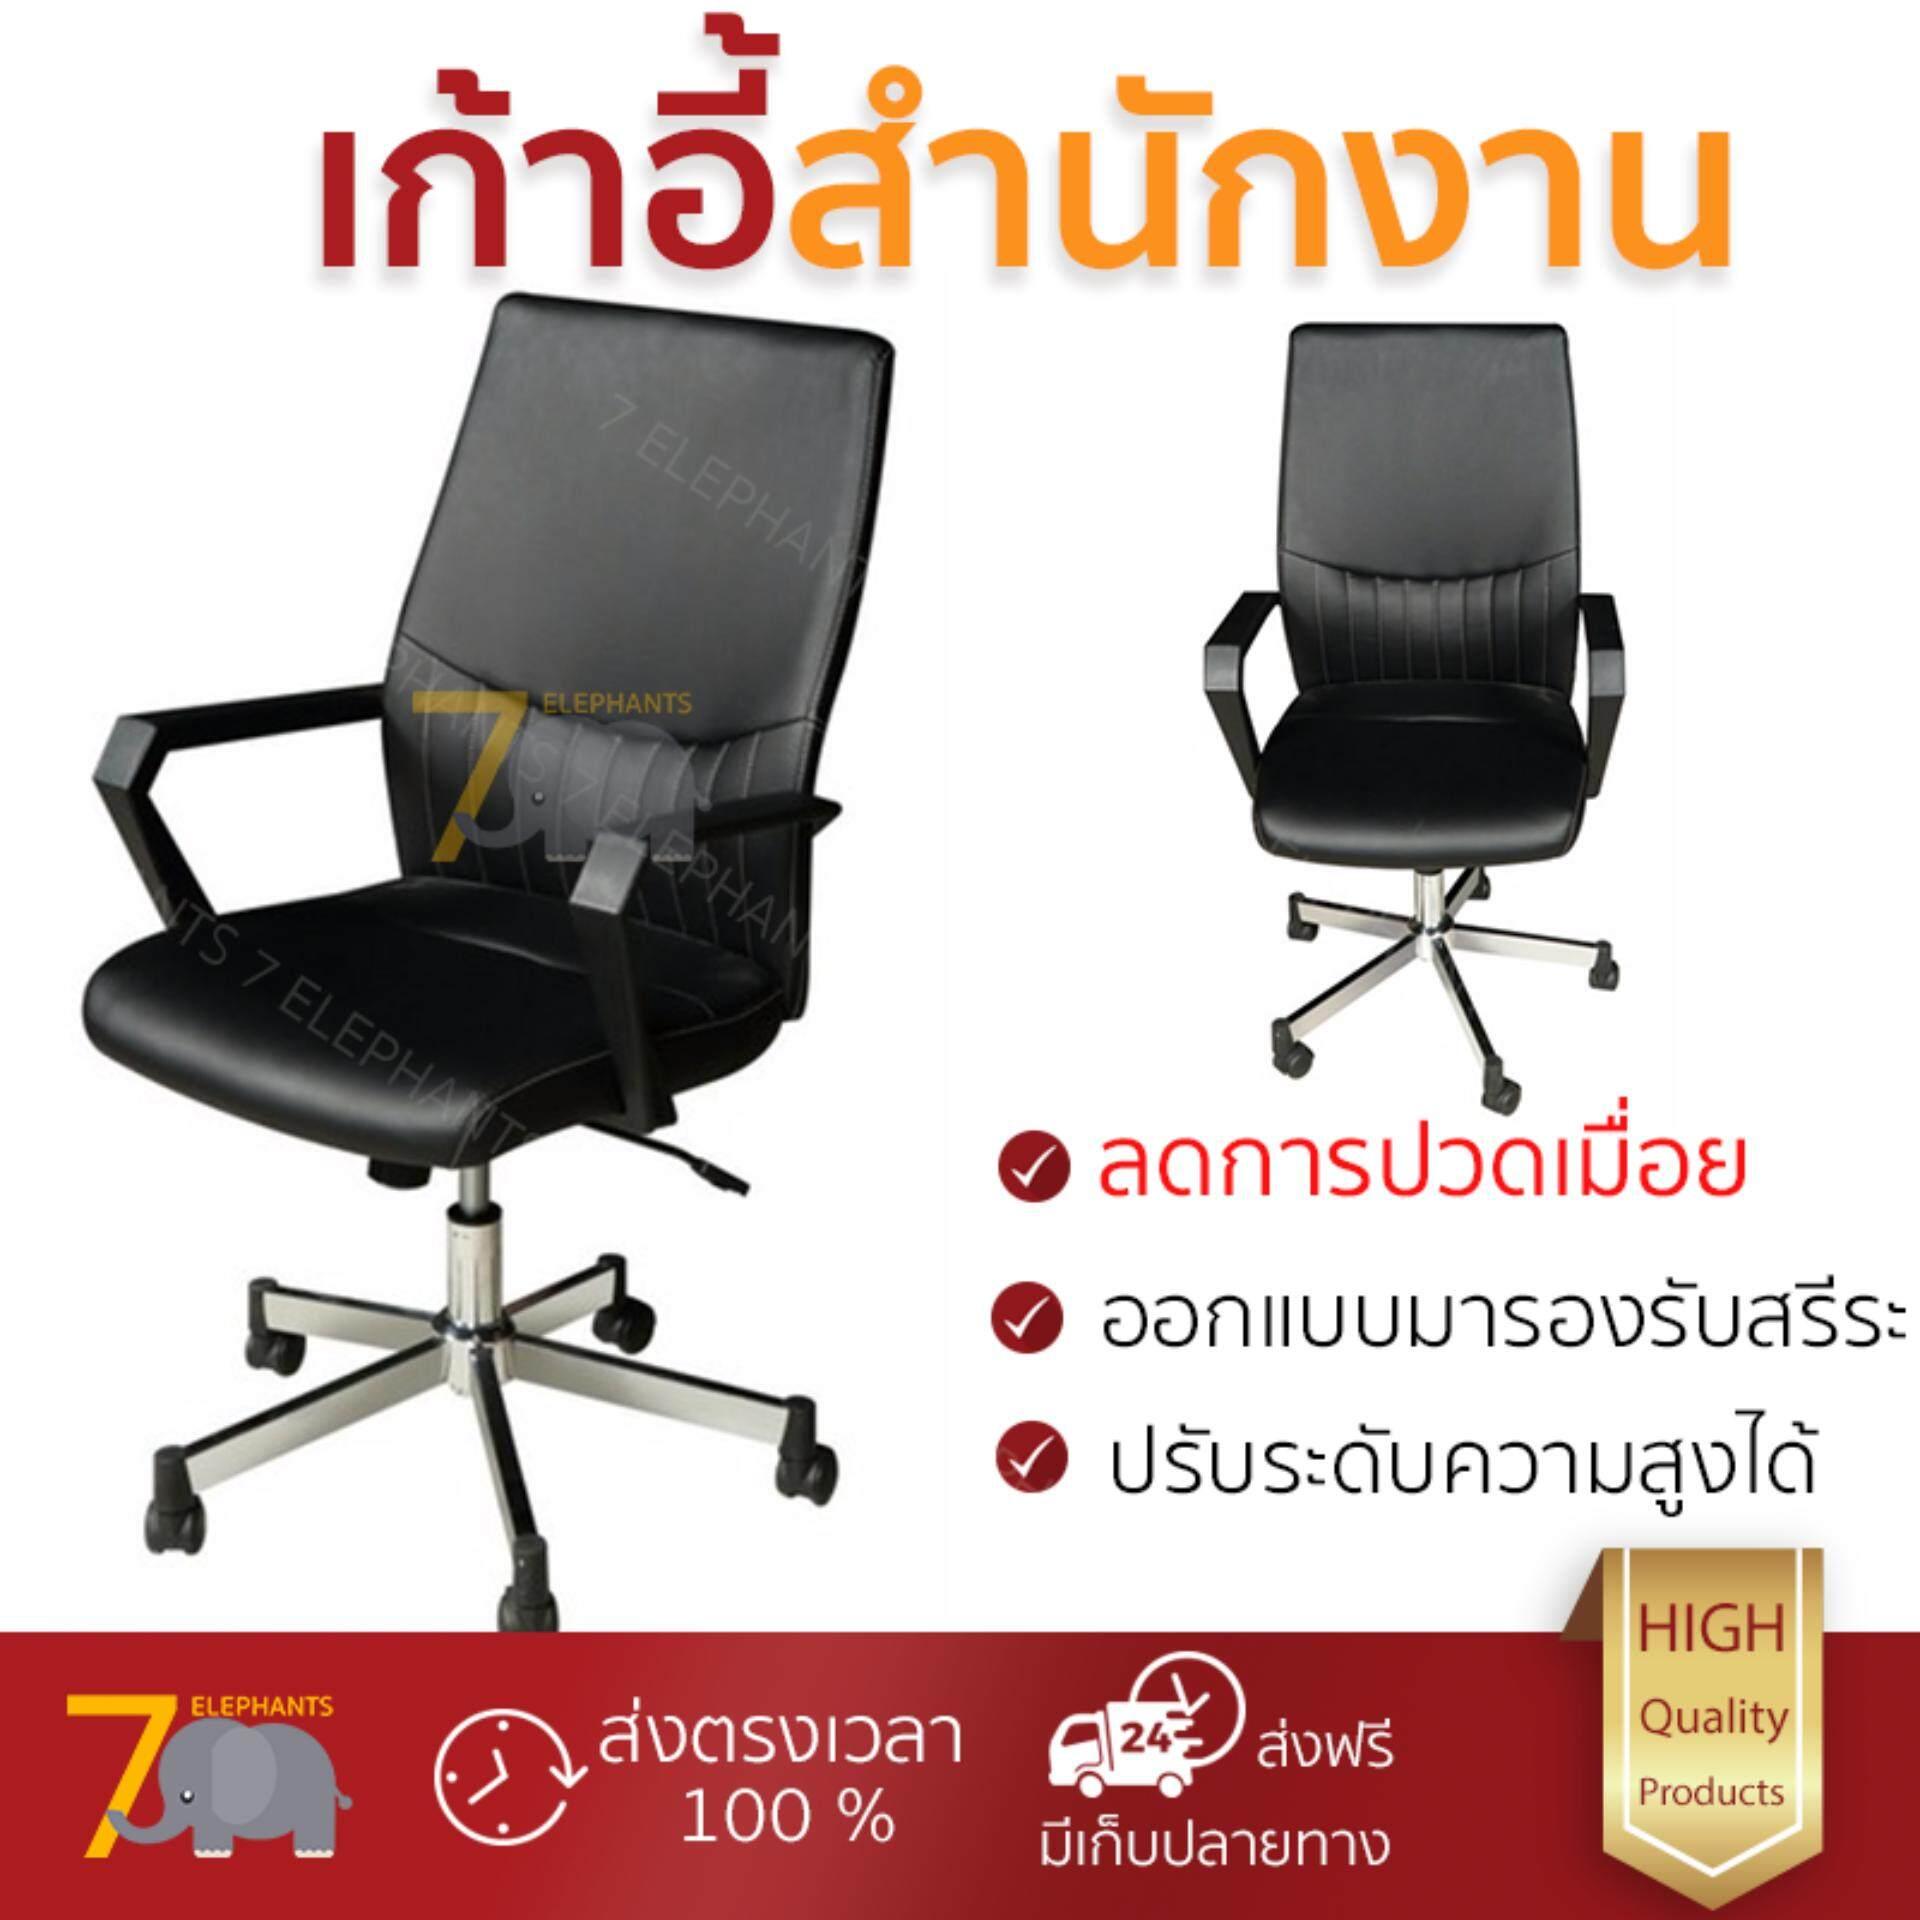 ขายดีมาก! ราคาพิเศษ เก้าอี้ทำงาน เก้าอี้สำนักงาน เก้าอี้สำนักงาน KRIST W-122A PU สีดำ | FURDINI | W-122A ลดอาการปวดเมื่อยลำคอและไหล่ เบาะนุ่มกำลังดี นั่งสบาย ไม่อึดอัด ปรับระดับความสูงได้ Office Chair